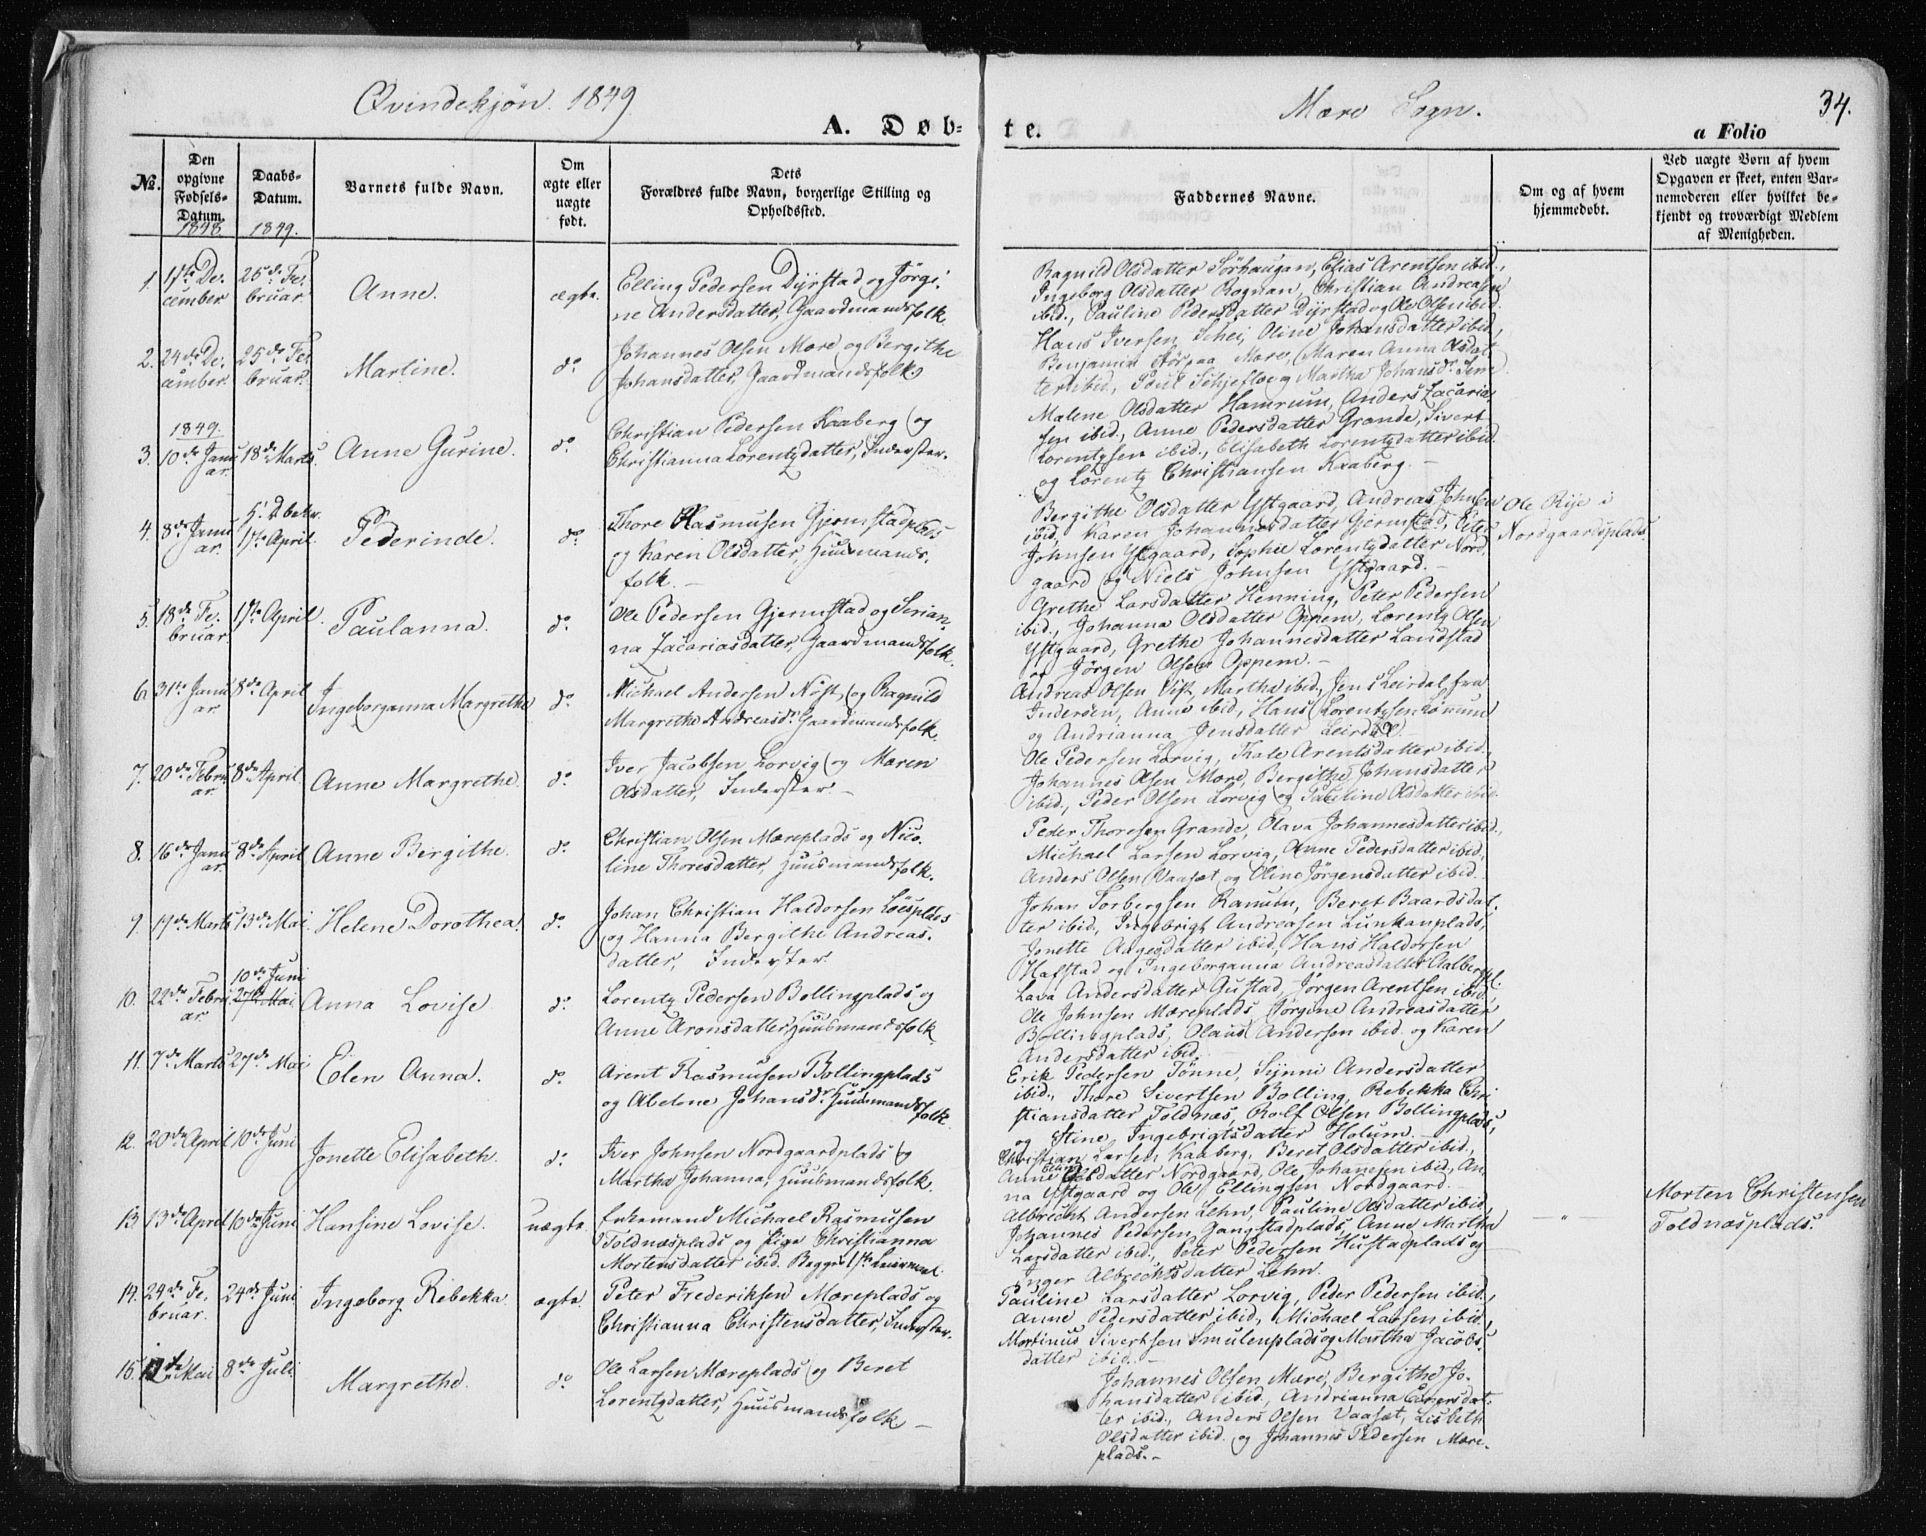 SAT, Ministerialprotokoller, klokkerbøker og fødselsregistre - Nord-Trøndelag, 735/L0342: Ministerialbok nr. 735A07 /1, 1849-1862, s. 34